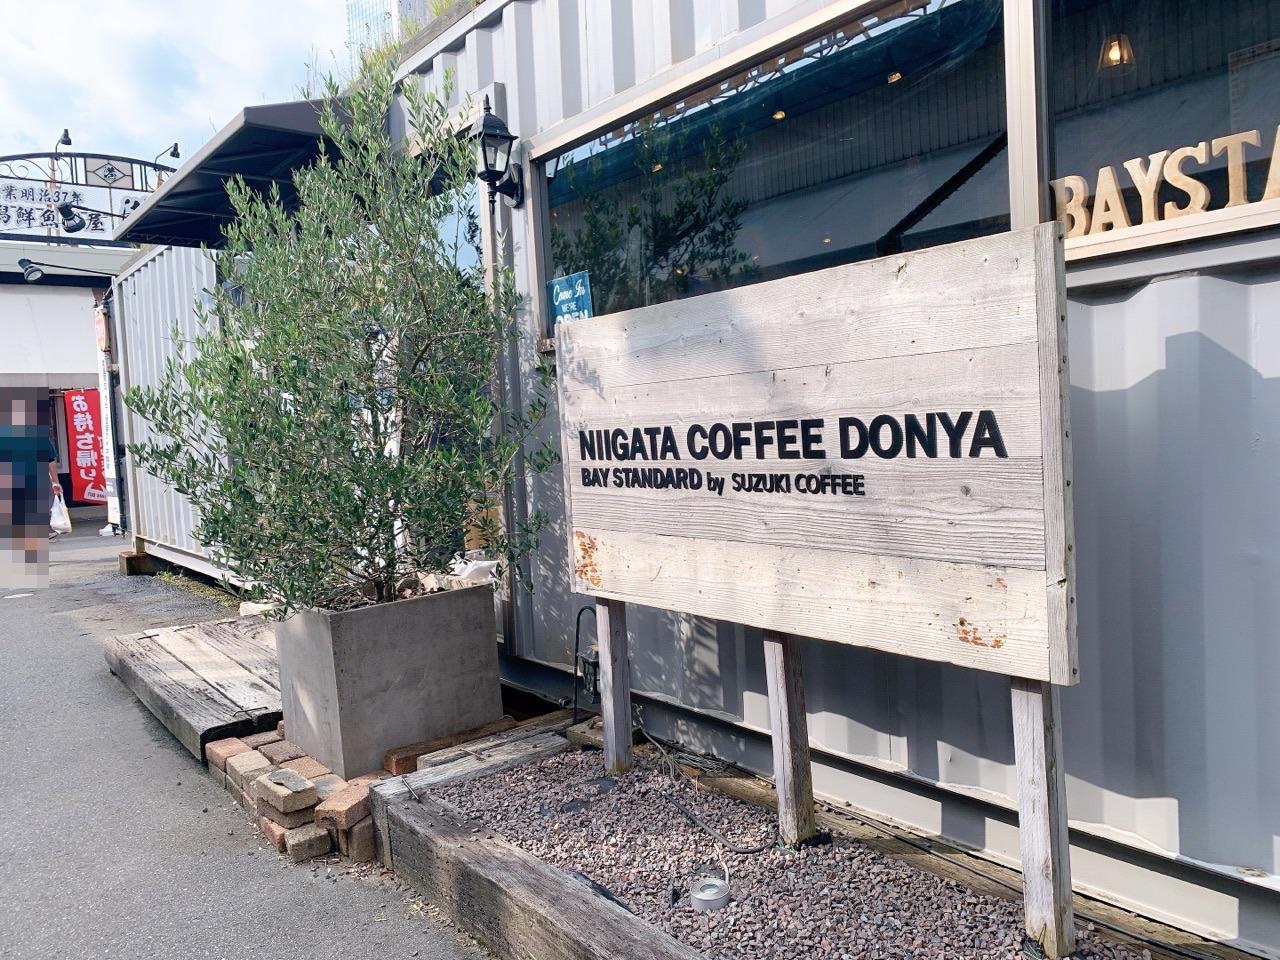 まとめ:新潟珈琲問屋(NIIGATA COFFEE DONYA BAY STANDARD)は店内利用でも持ち帰りでも思う存分コーヒーを堪能できる!